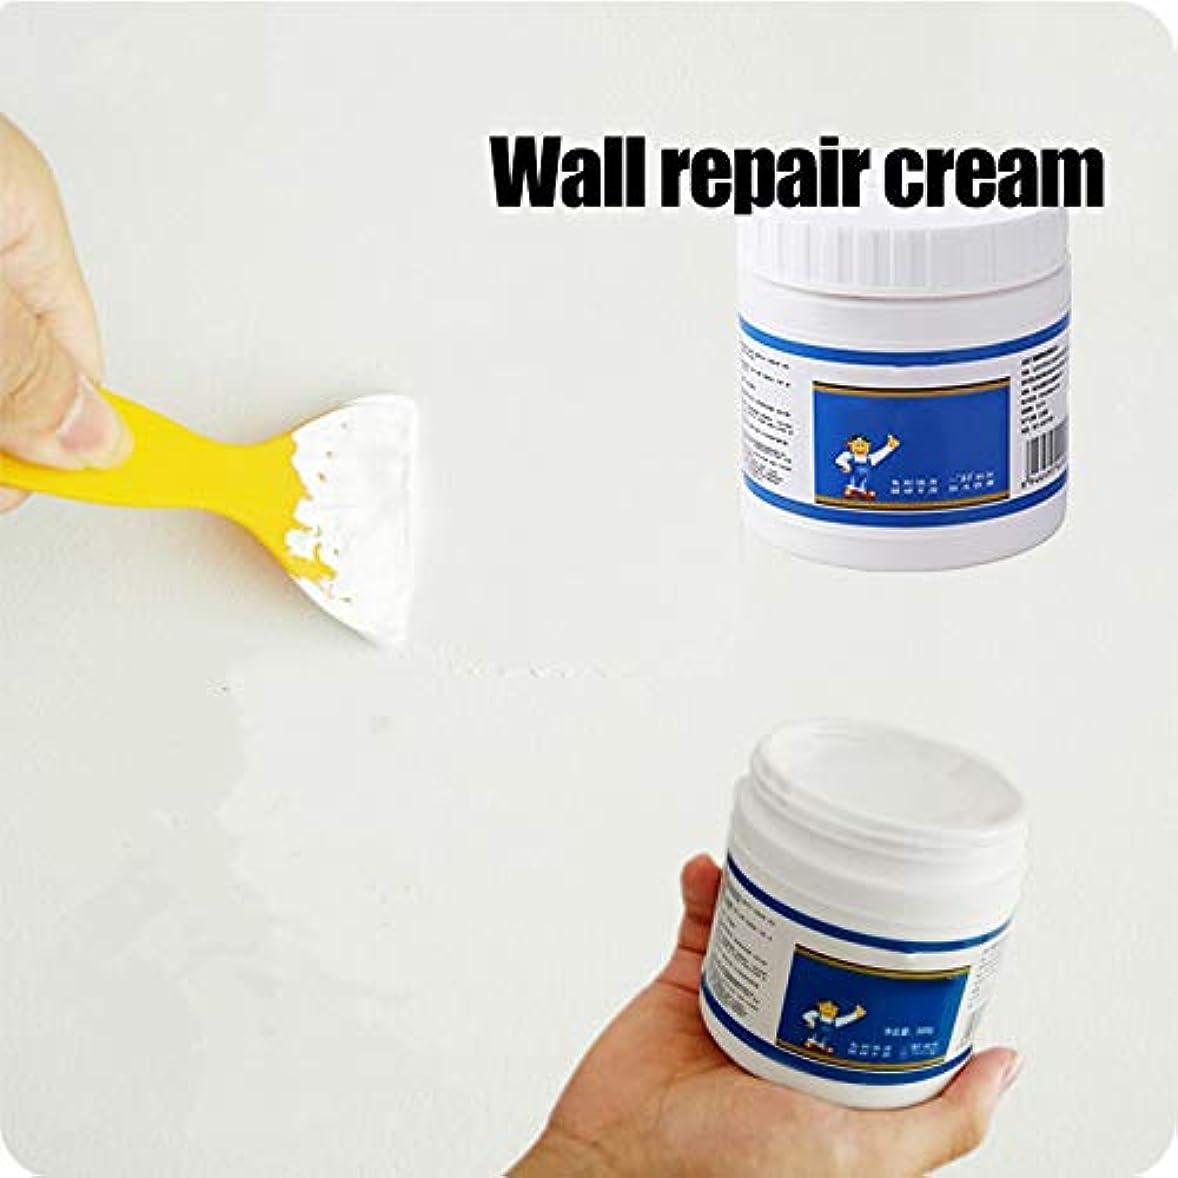 特殊罪八百屋Aylincool壁修理クリーム、壁亀裂修理クリーム、ラテックスペースト防水非腐食性ホルムアルデヒドペーストラテックス